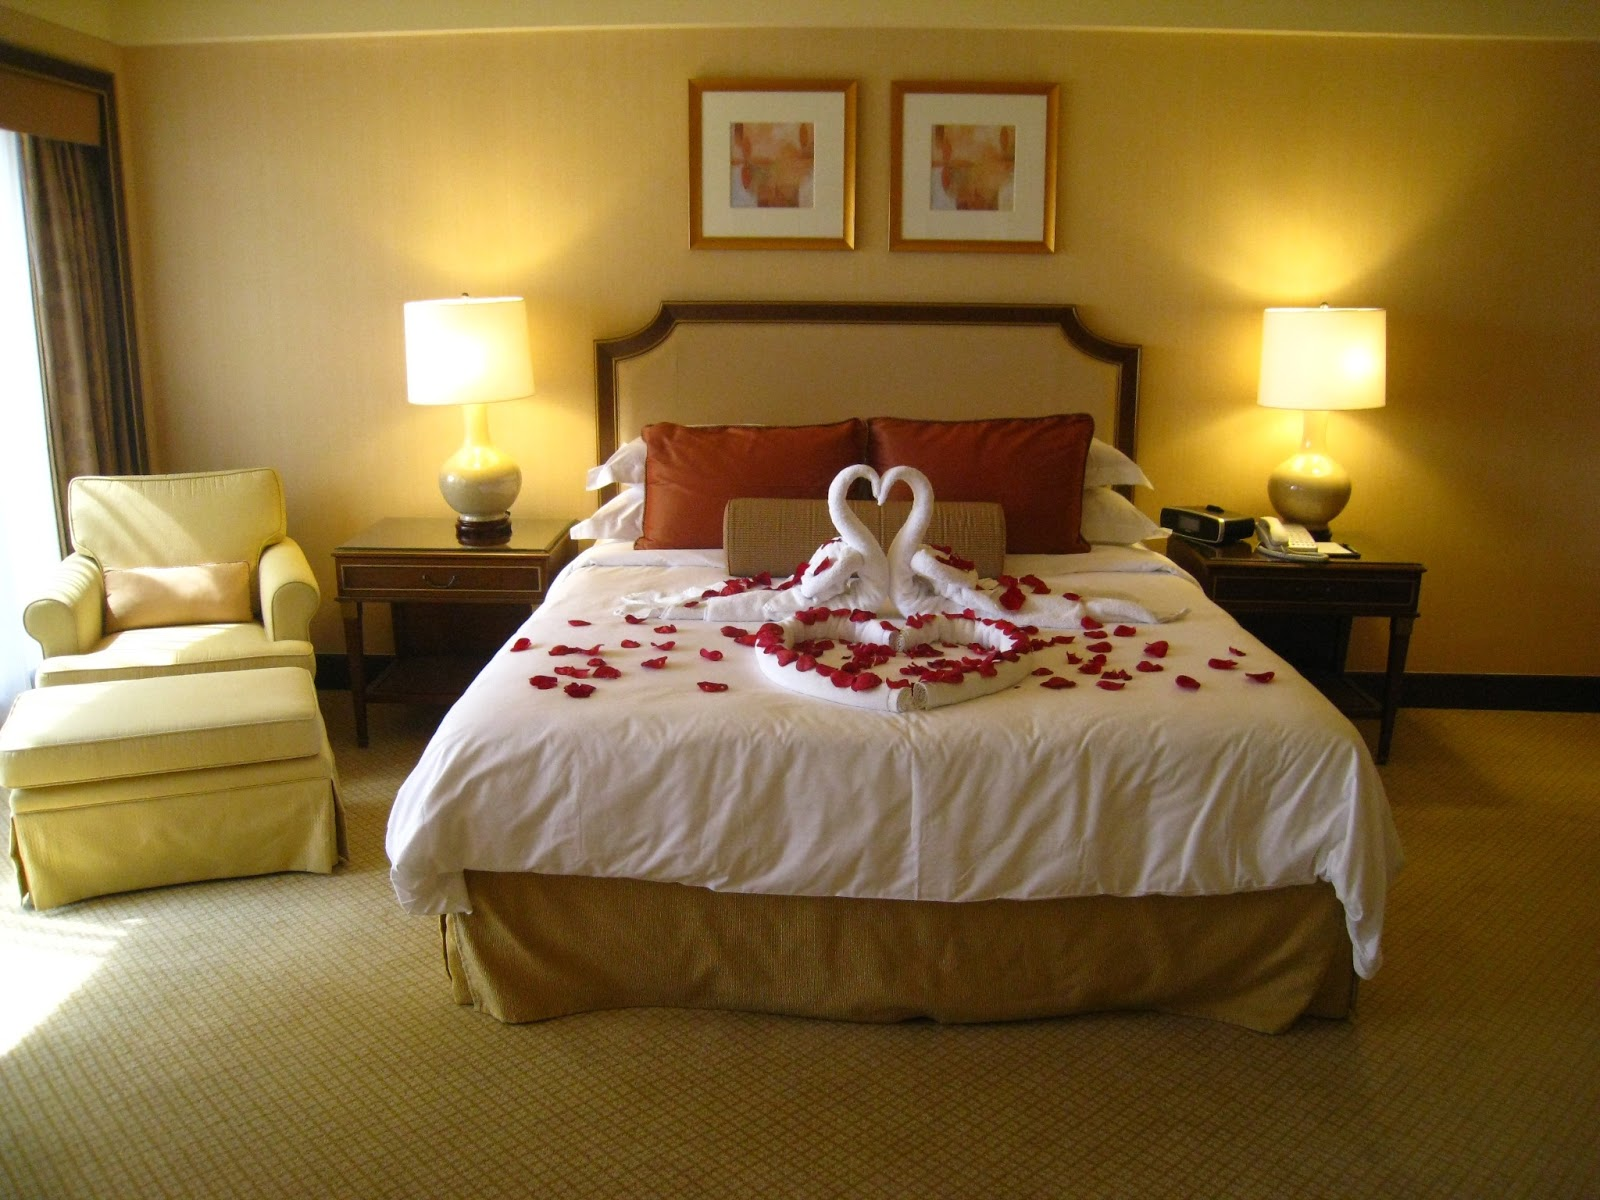 My Solitaire Wedding: Regent Hotel - Tanglin Room